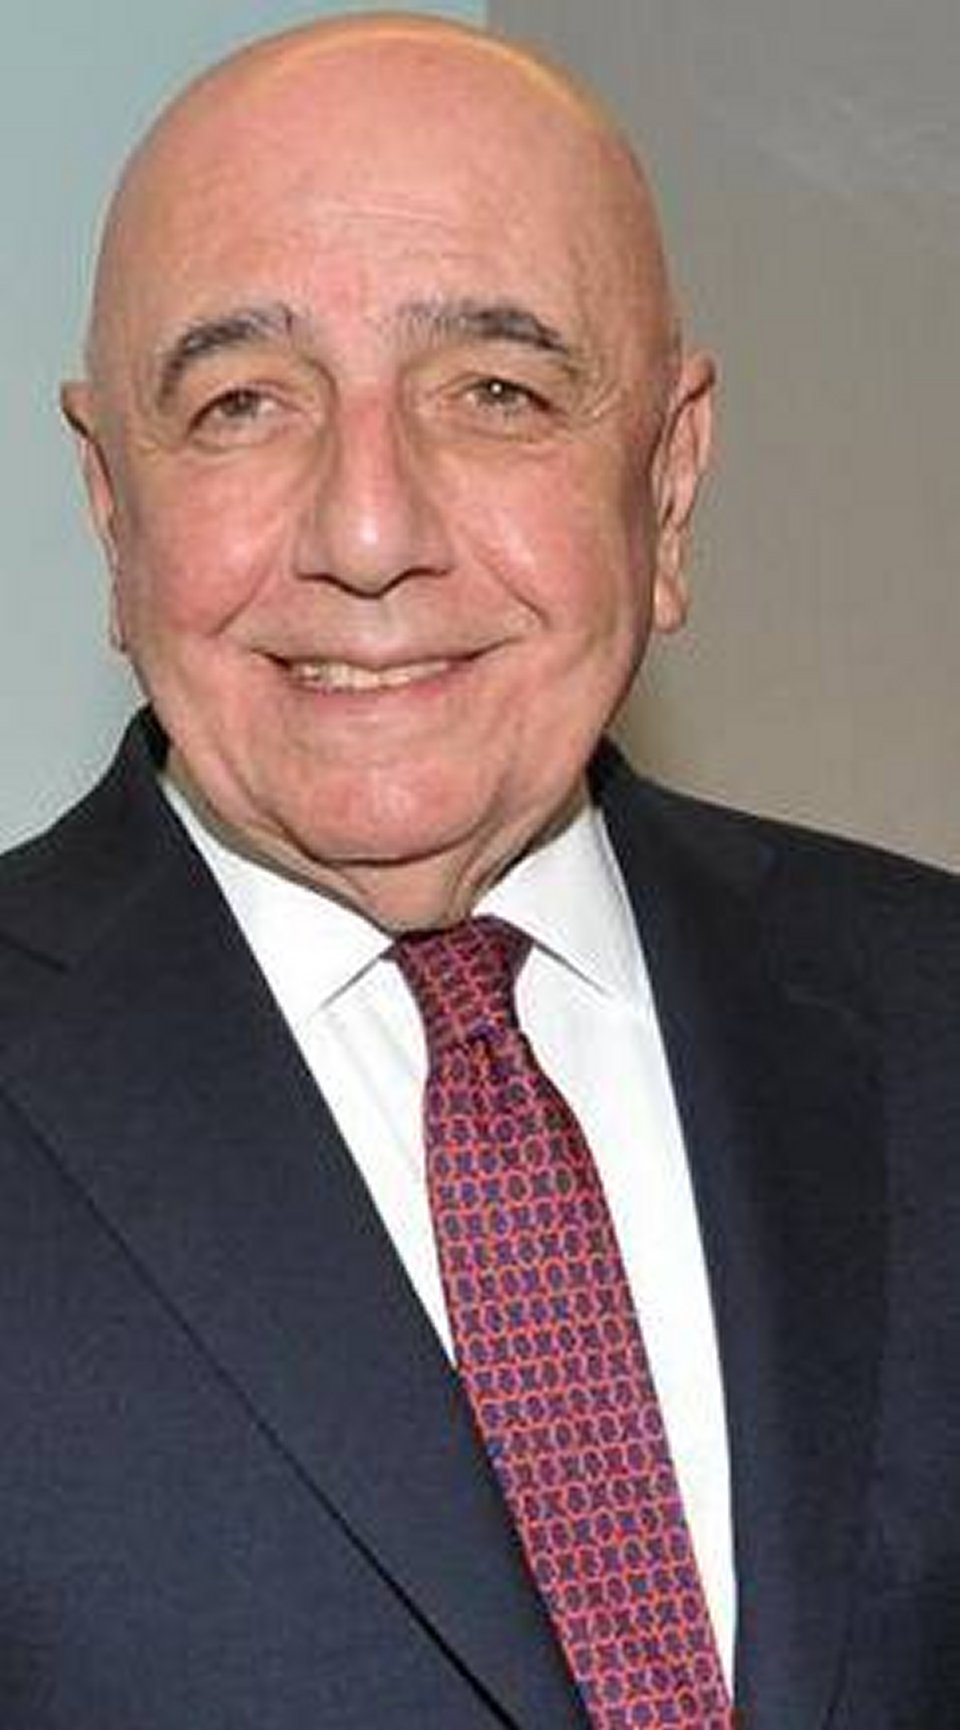 Adriano Galliani dal Milan al Senato